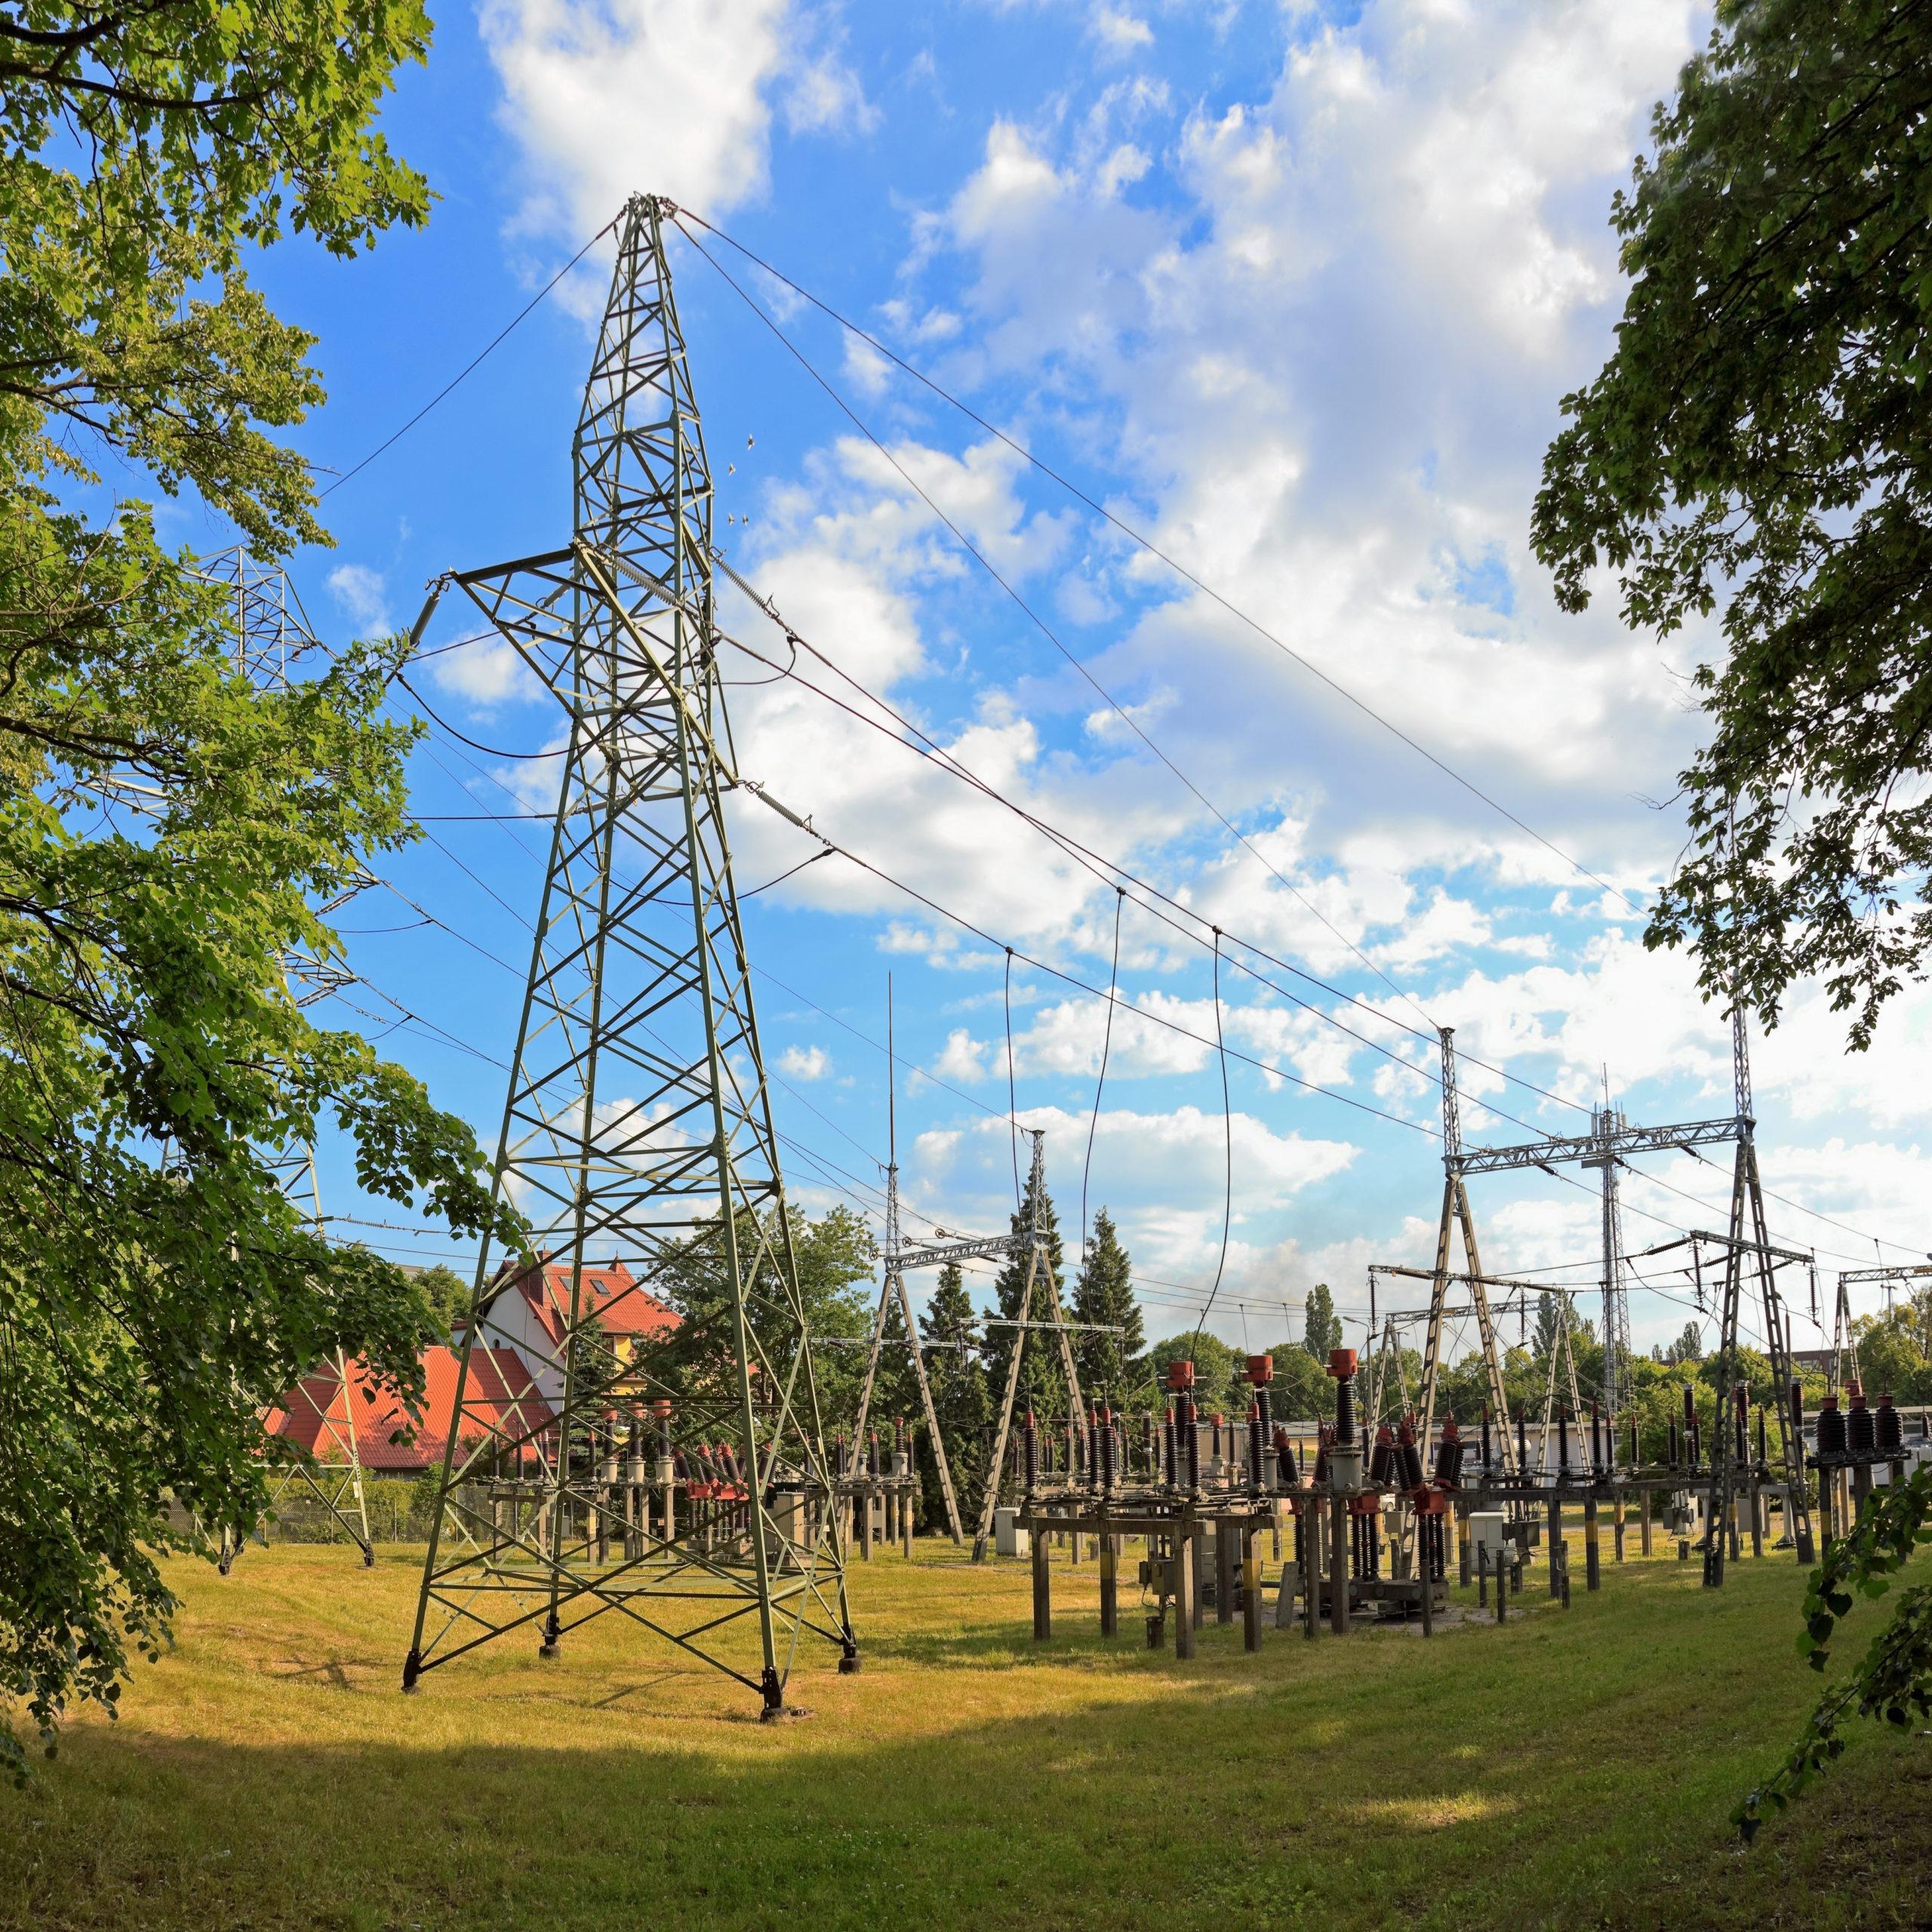 Older electrical transmission line tower